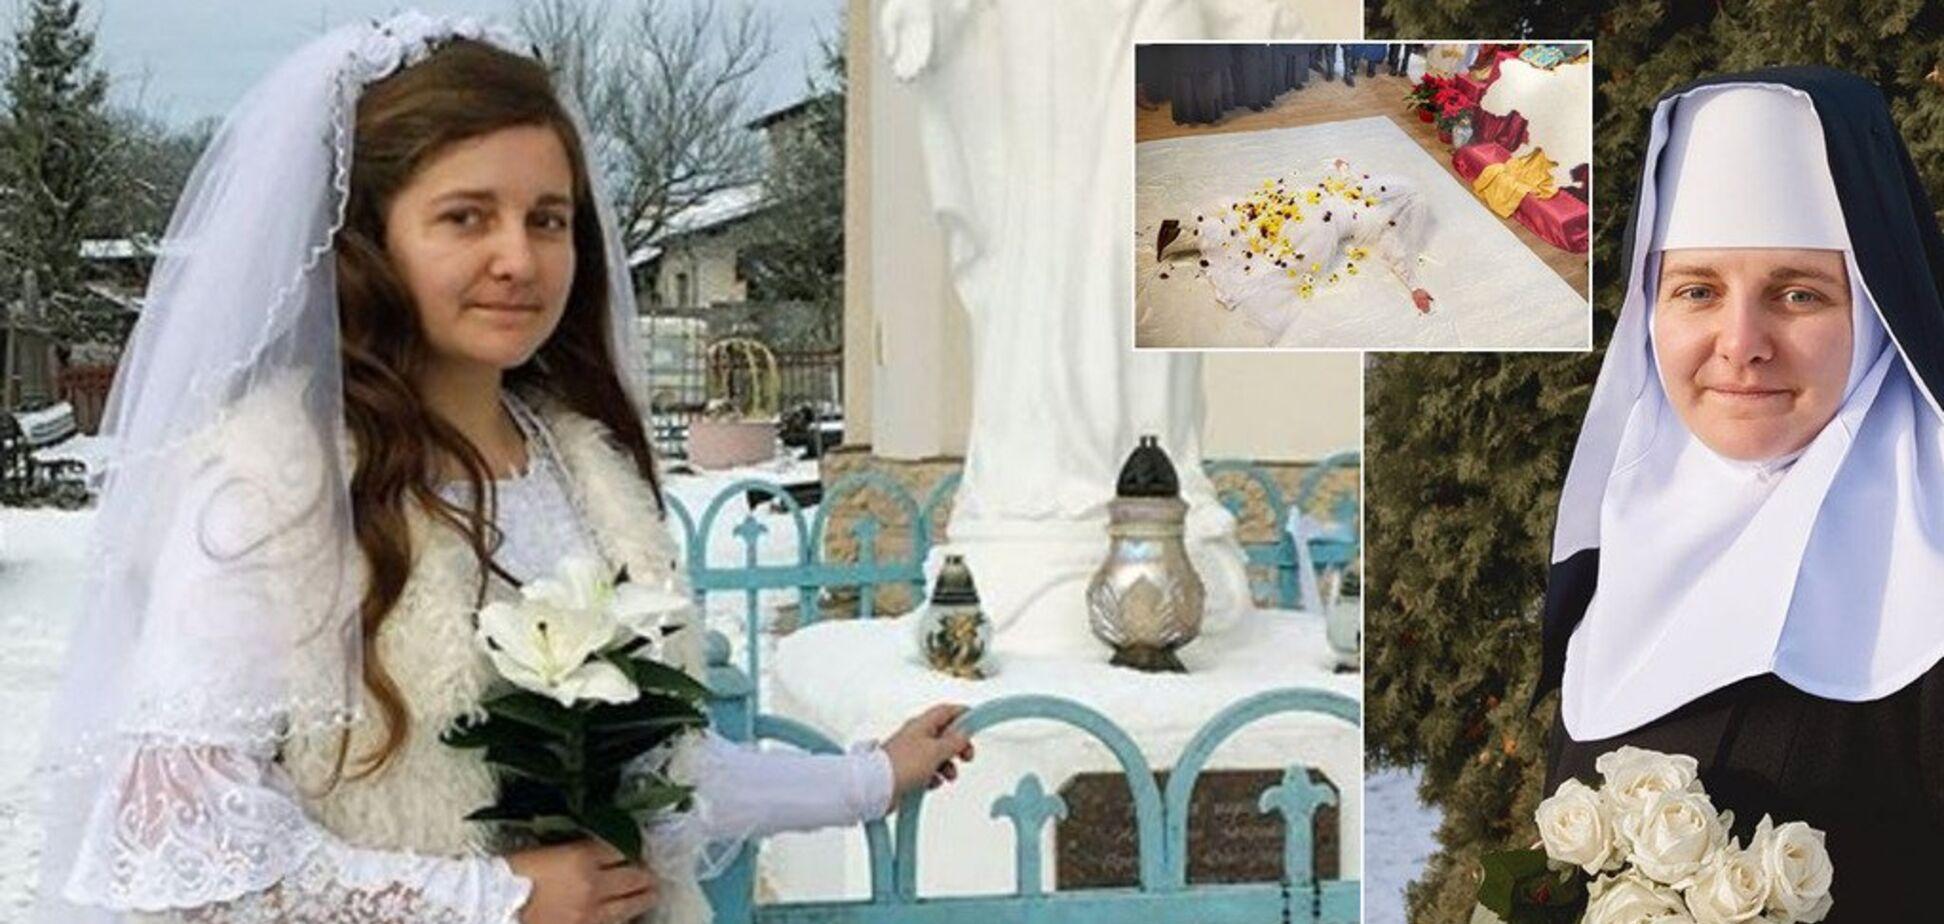 'Вийшла заміж' за Ісуса Христа: фото посвяти в черниці вразили українців